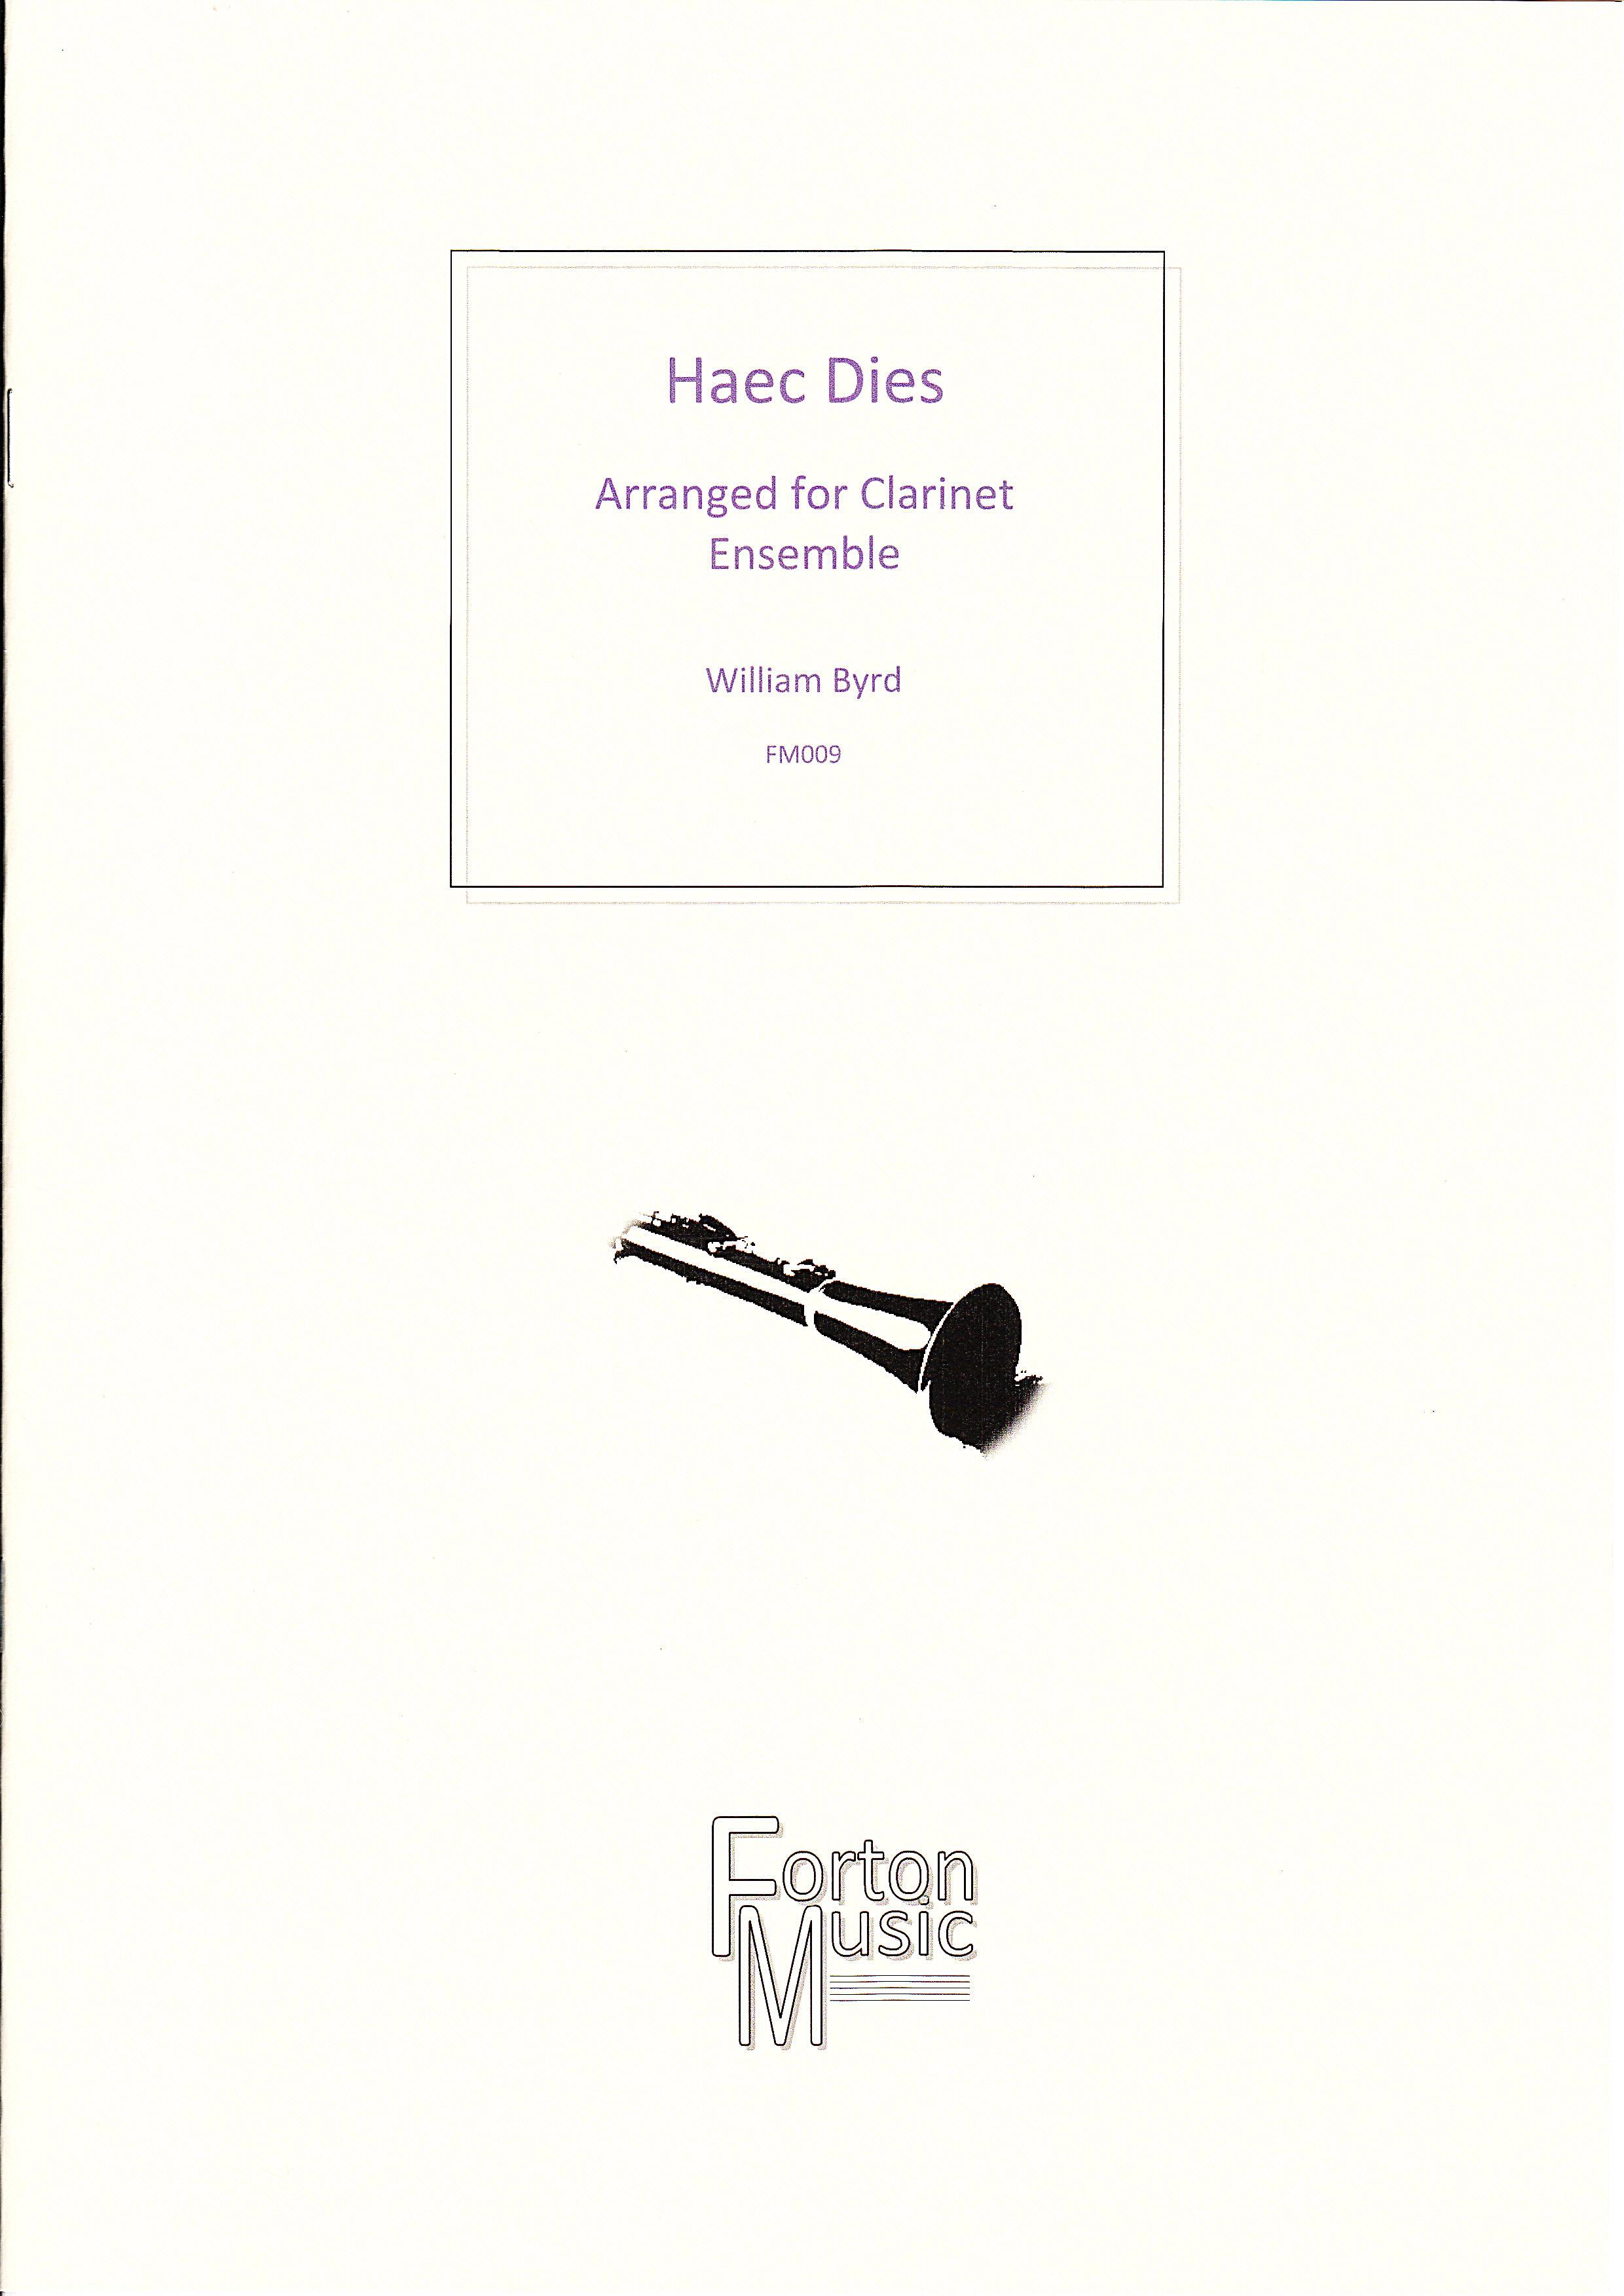 HAEC DIES score & parts